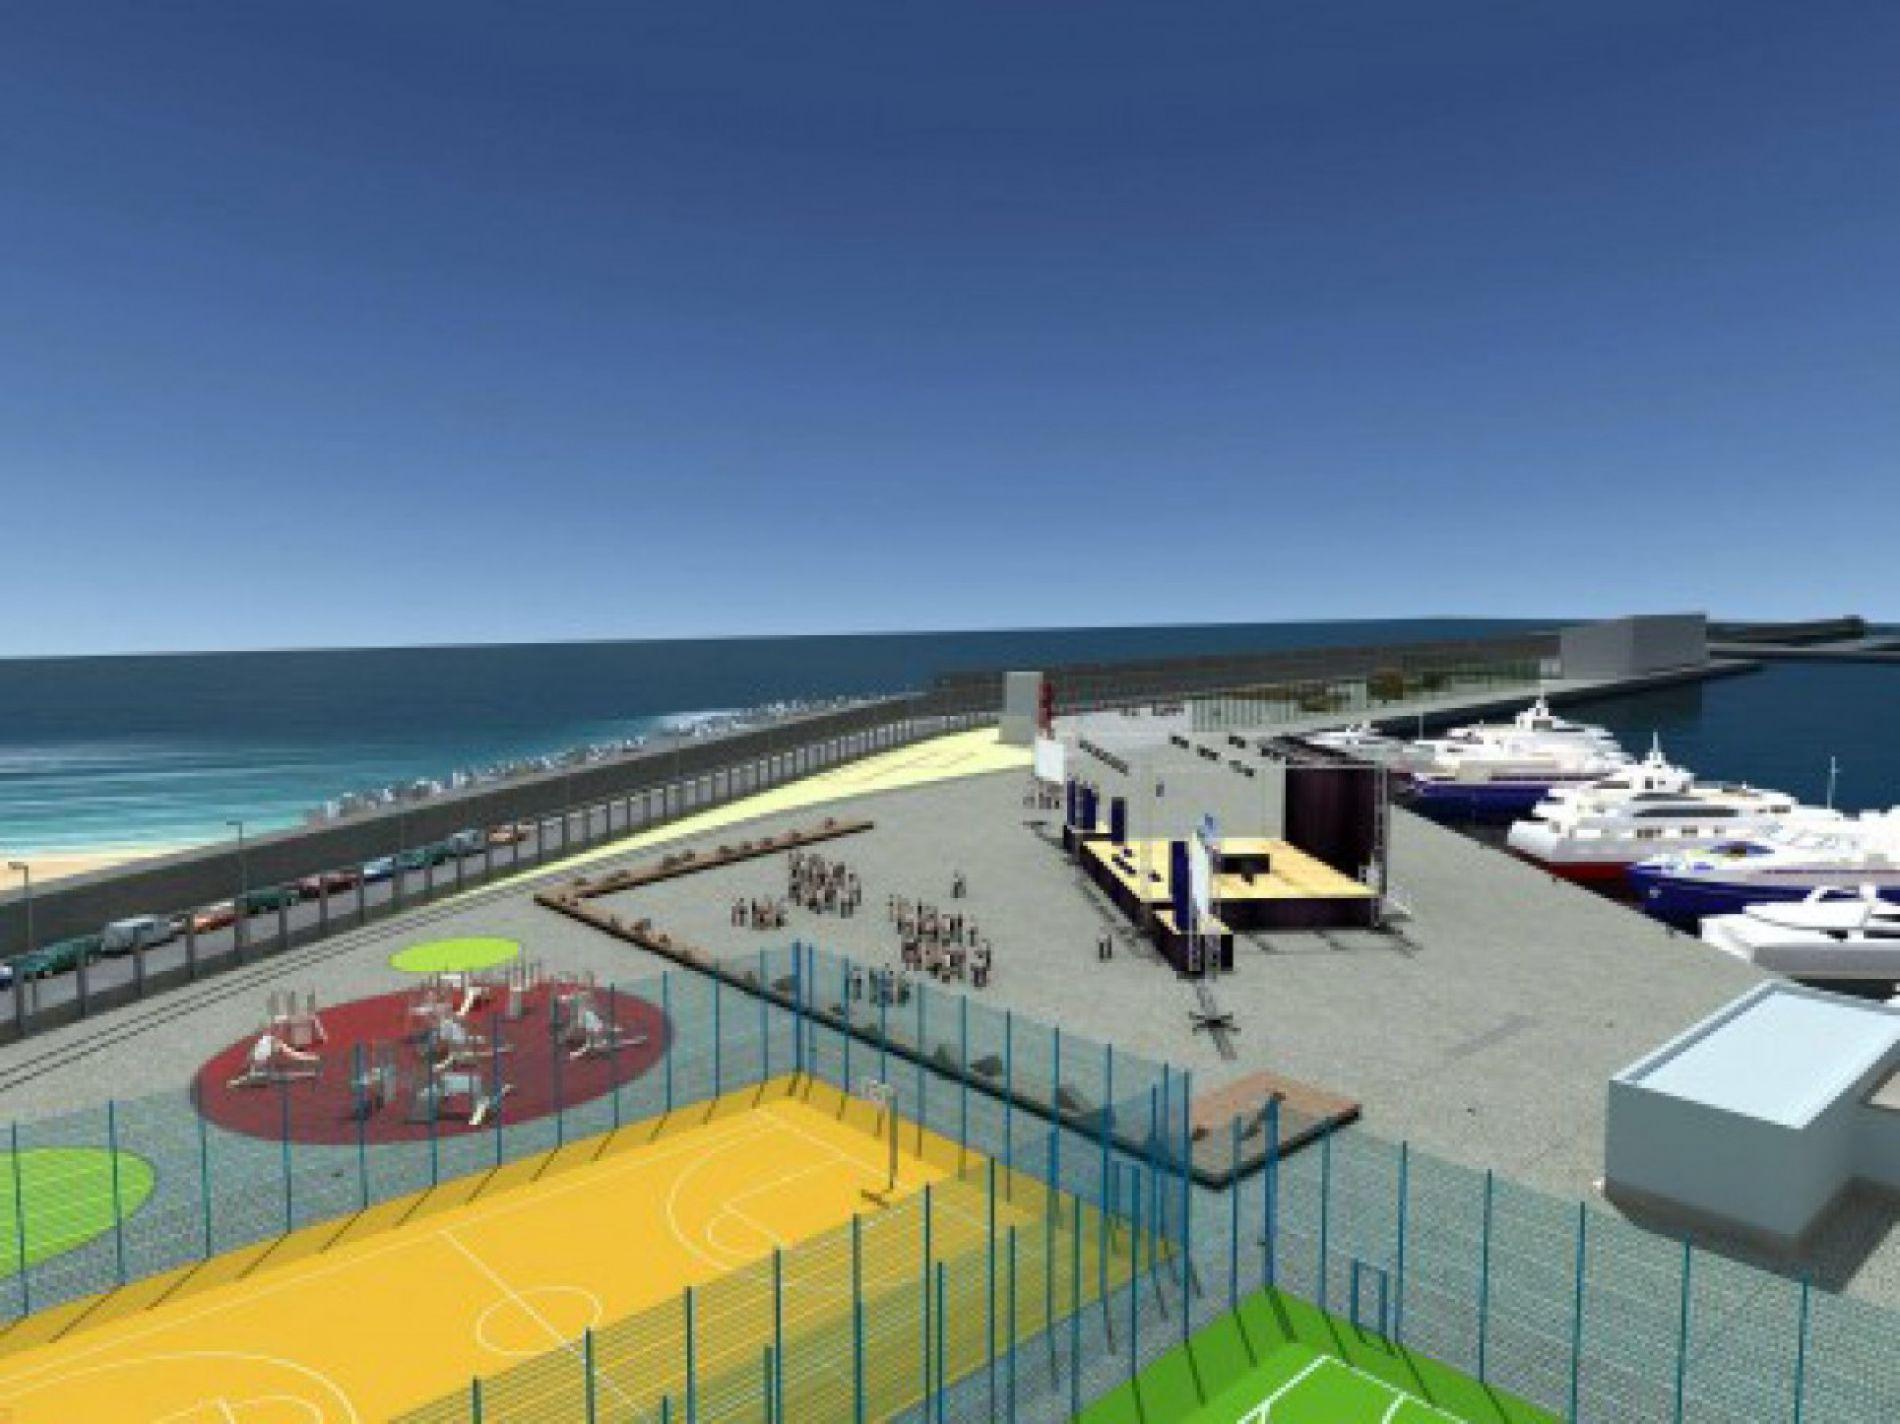 Одобрено открытие части порта для развлечений Варна - Восток